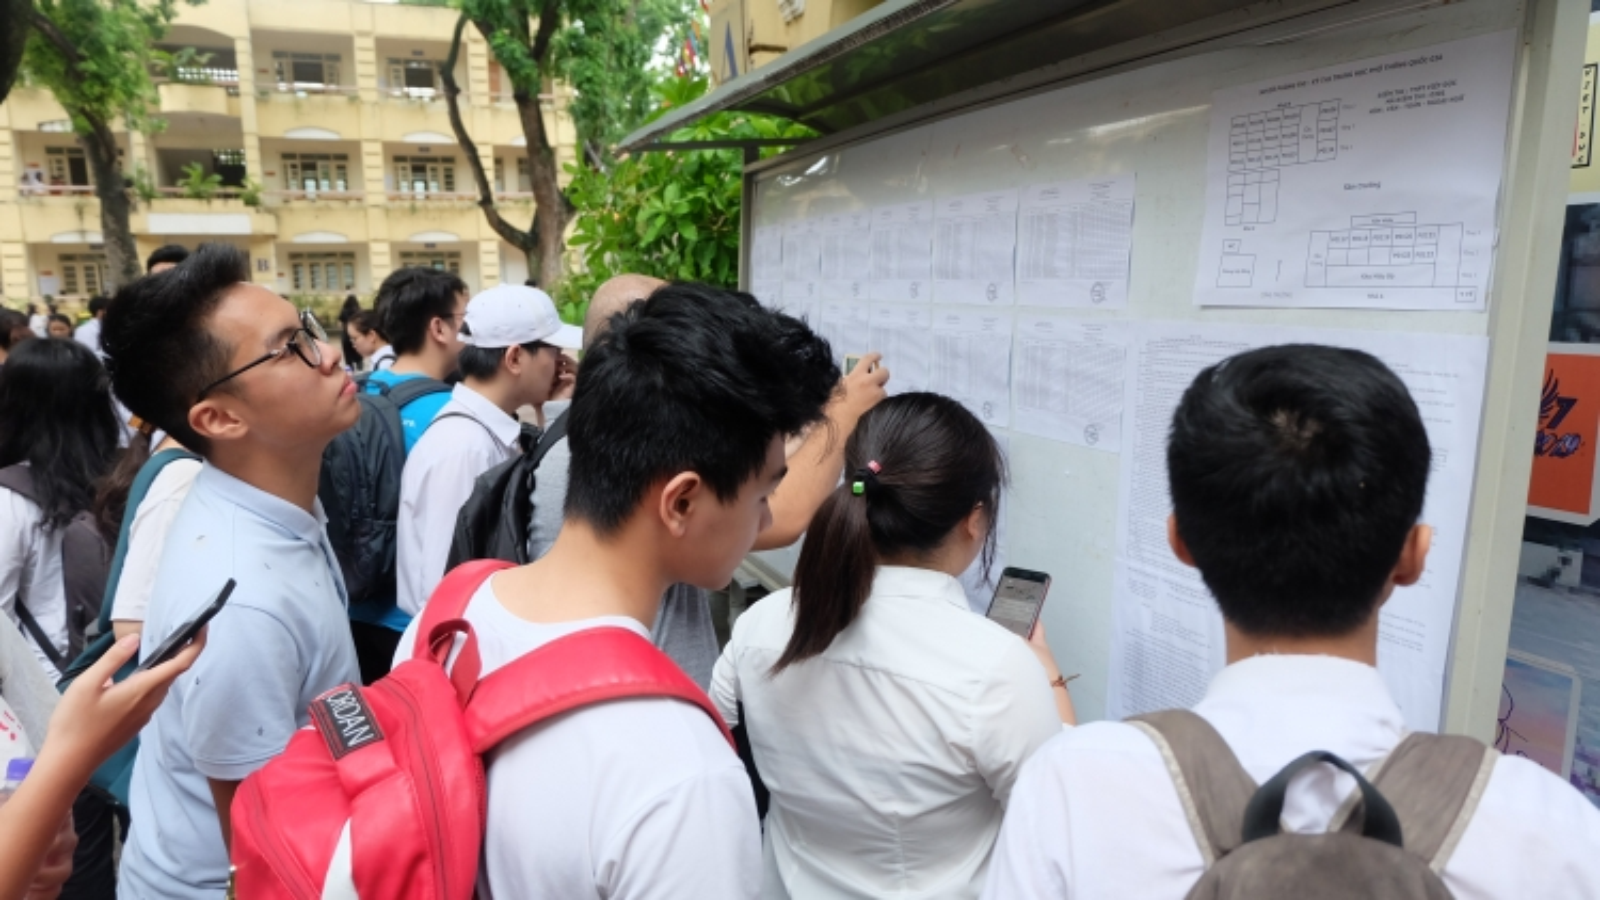 Học viện Quản lý giáo dục thông báo xét tuyển bổ sung đợt 2